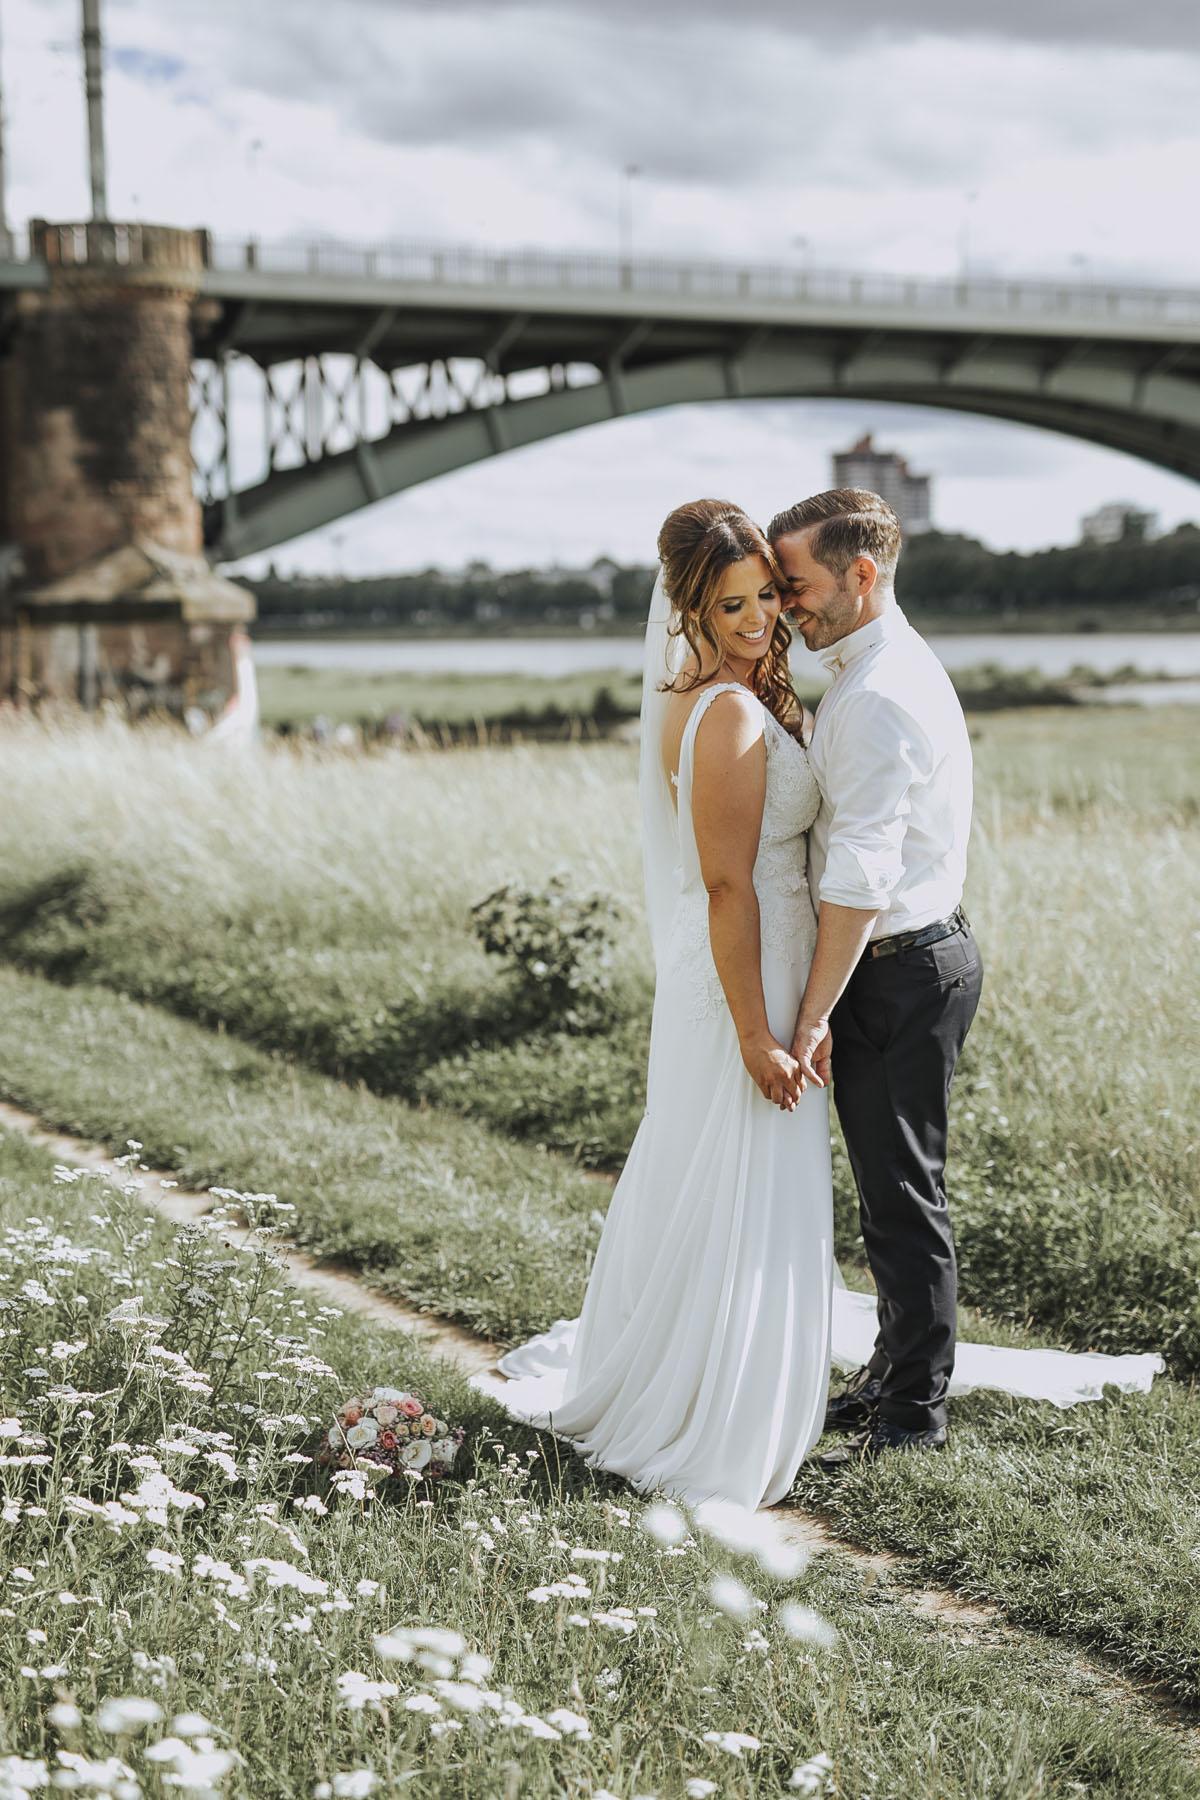 Janine+ Boris | Wir überraschen unsere Hochzeitsgäste mit dem bauwerk in Köln - Fotografin Guelten Hamidanoglu Koeln Hochzeiten Hochzeitsfotos  513 1